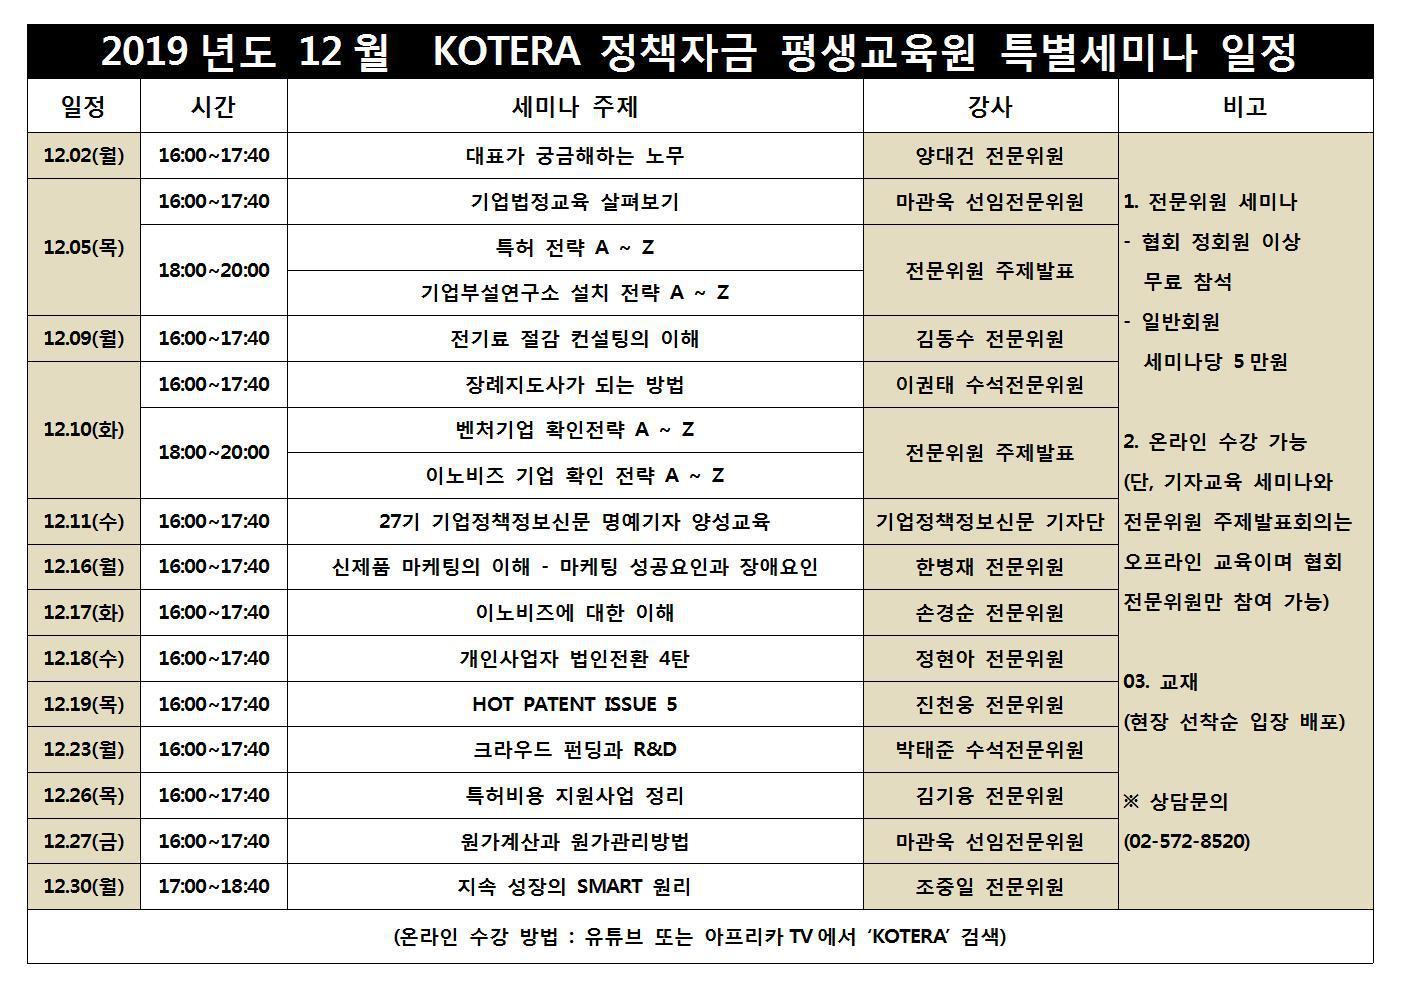 한국기술개발협회, 협회 부설 KOTERA 정책자금 평생교육원 12월 특별 세미나 일정 발표